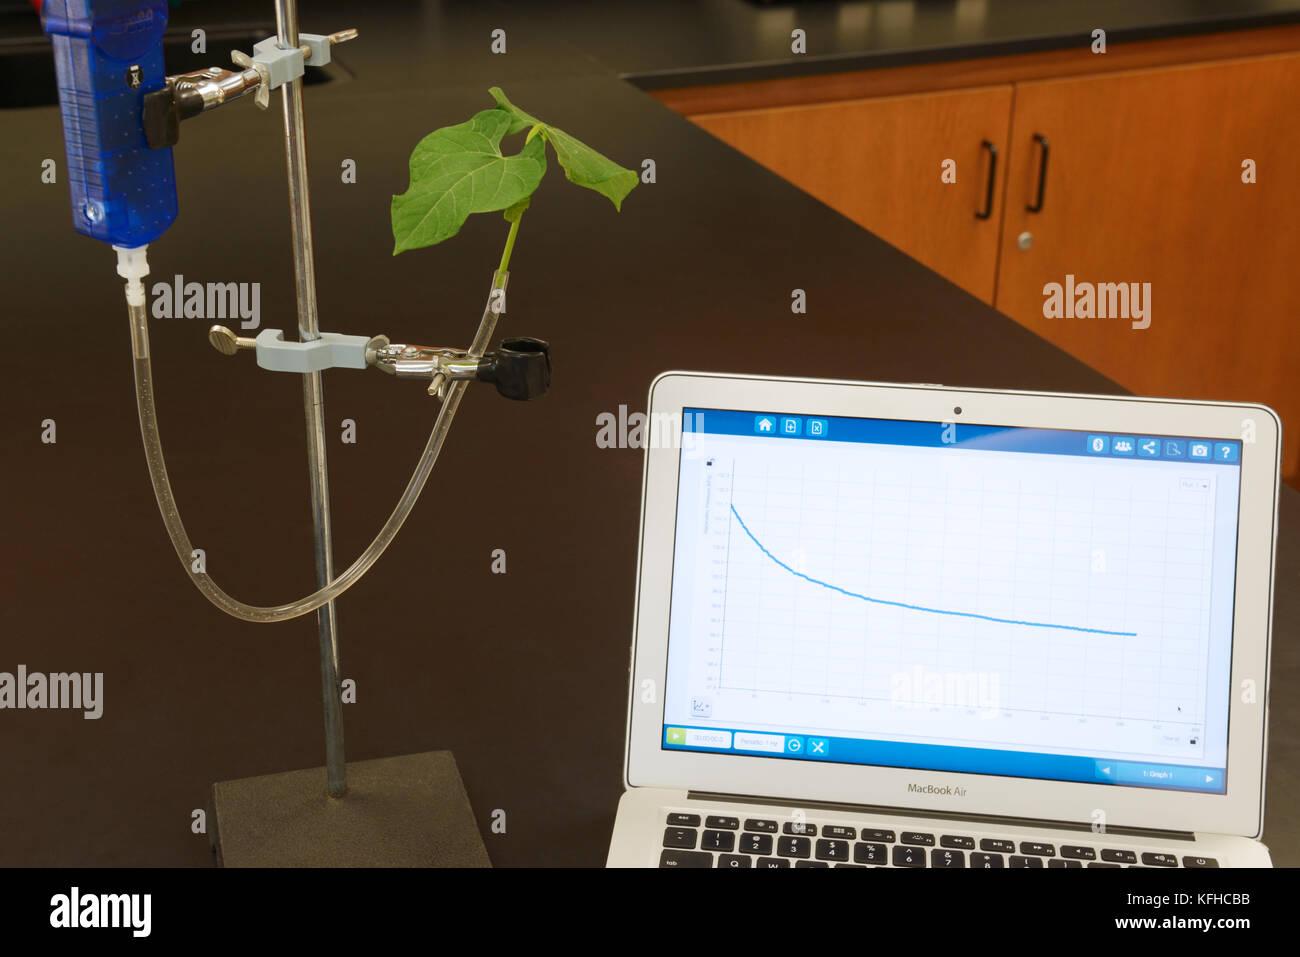 Planta transpiración experimento utilizando equipo sensor de interfase con el gráfico de resultados que Imagen De Stock